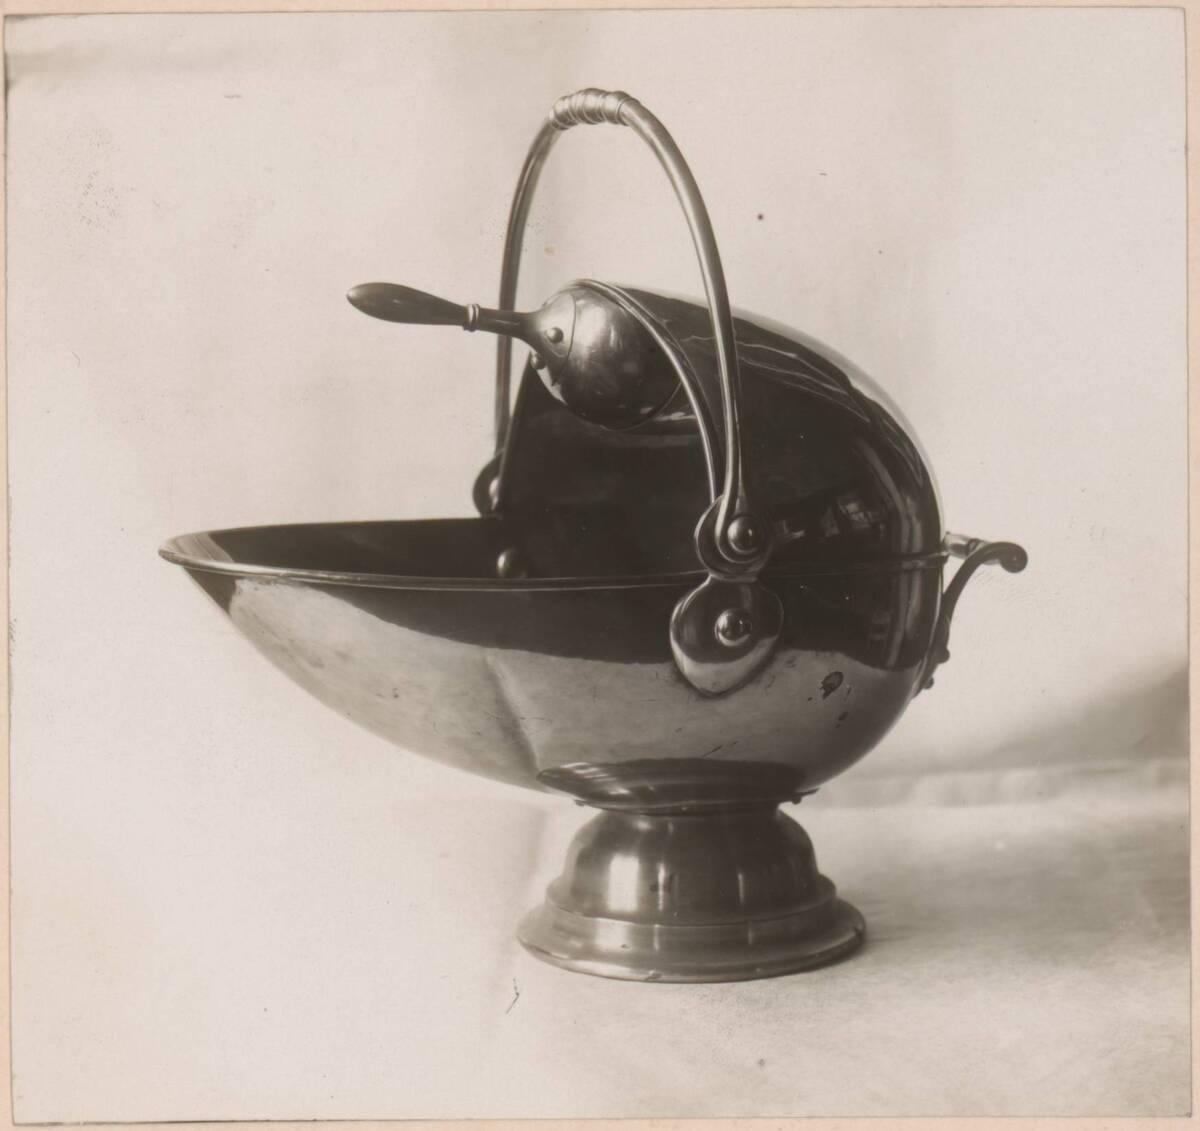 Fotografie eines Kohlenkübels nach einem Entwurf von Charles Voysey, ausgeführt von Elsley & Co. von Elsley & Co.